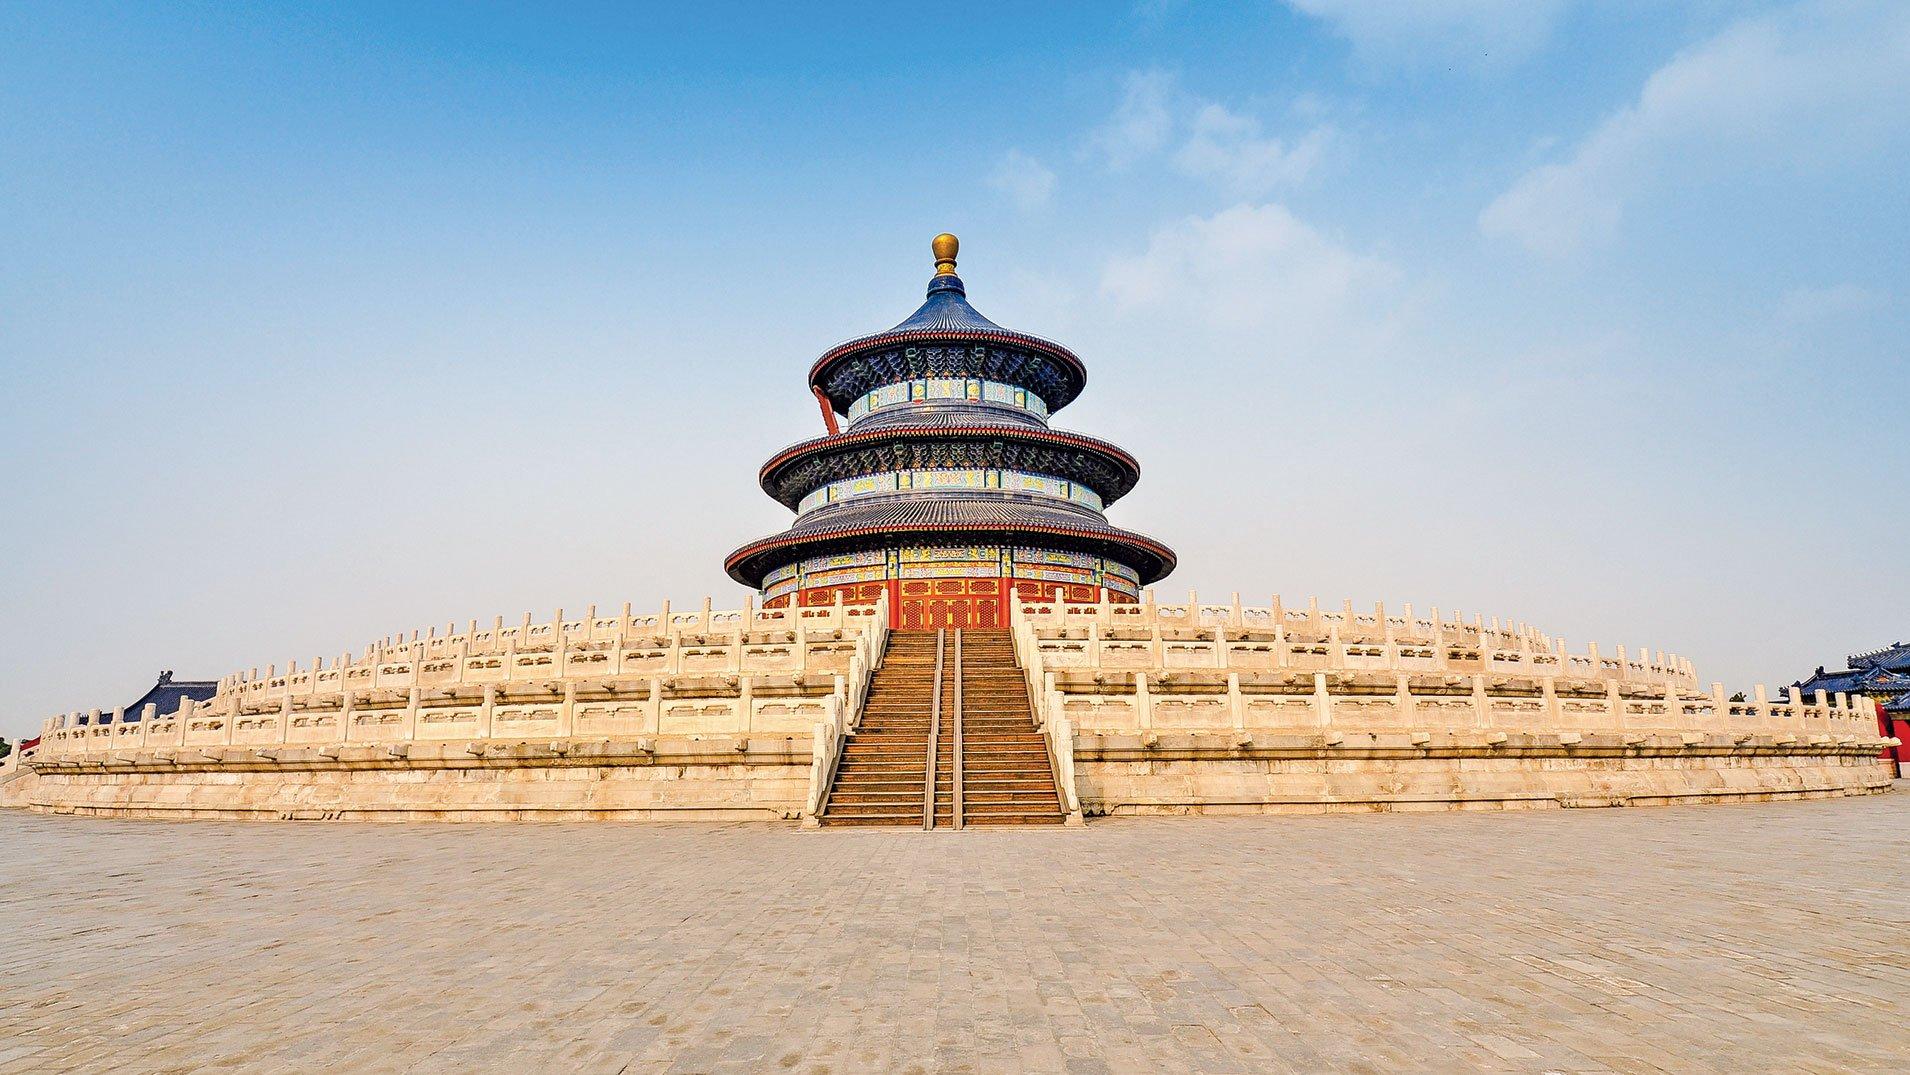 明成祖朱棣營造北京城,為後世留下紫禁城(故宮)、天壇、長陵等充滿帝王氣息和文化內涵的精美建築和帝都。(Fotolia)